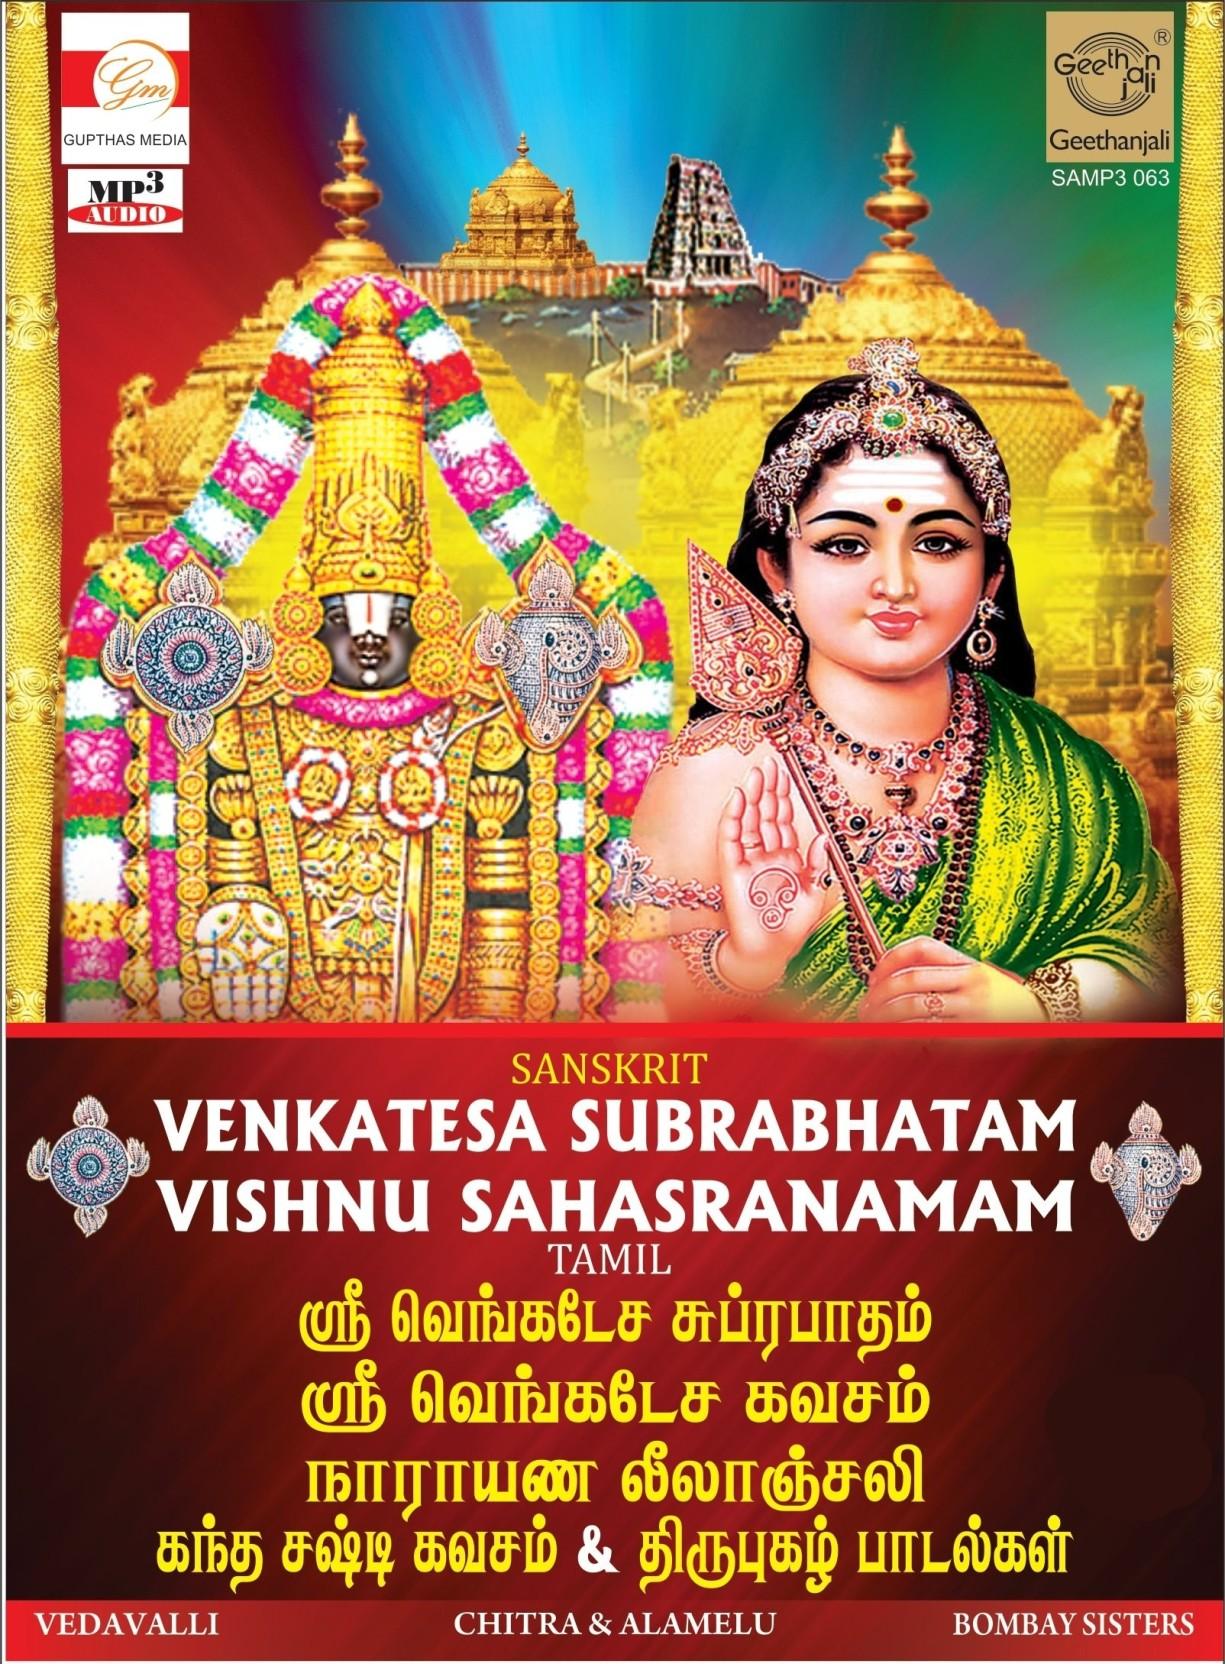 Venkatesa Subrabhatam / Vishnu Sahasranamam Music MP3